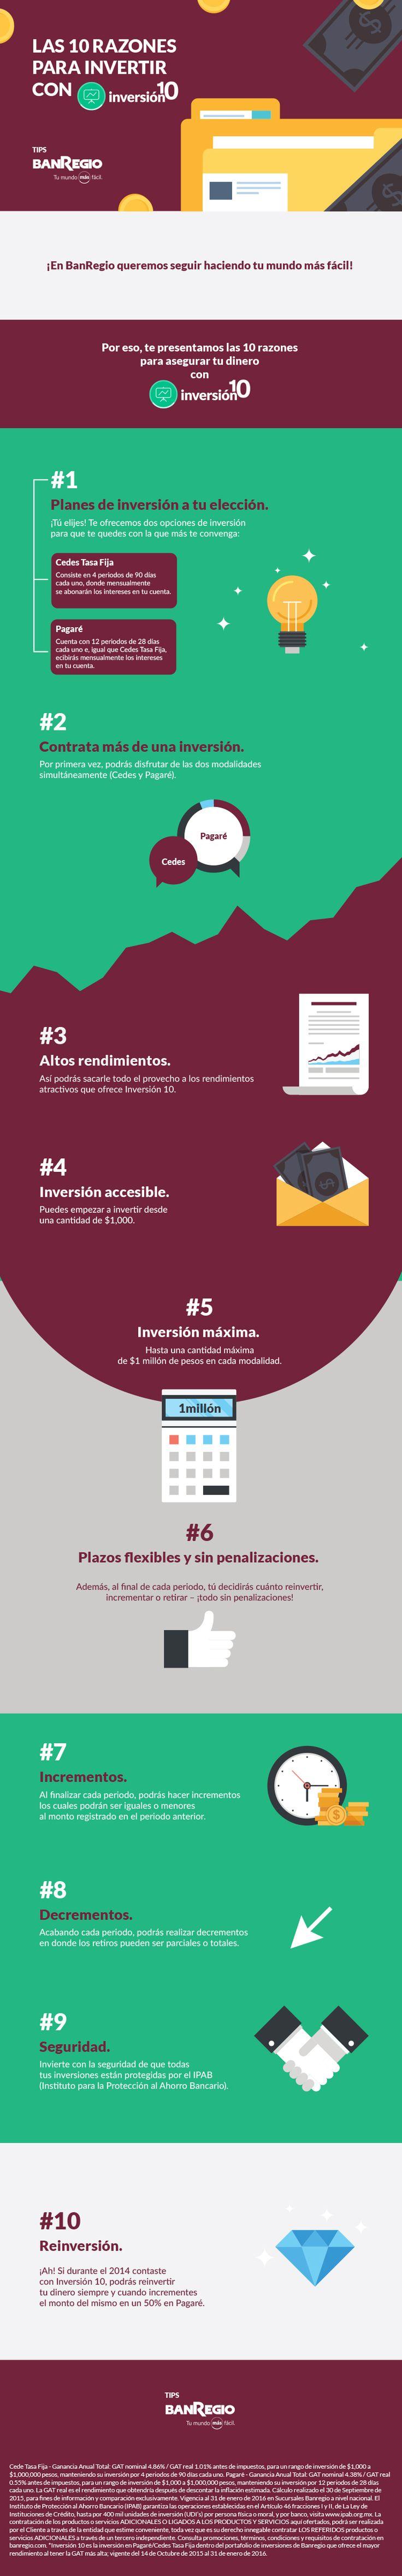 • 10 razones • Banca • Categorias • Inversión • Inversión 10 • Inversión BanRegio • Pagares • Planes de inversion